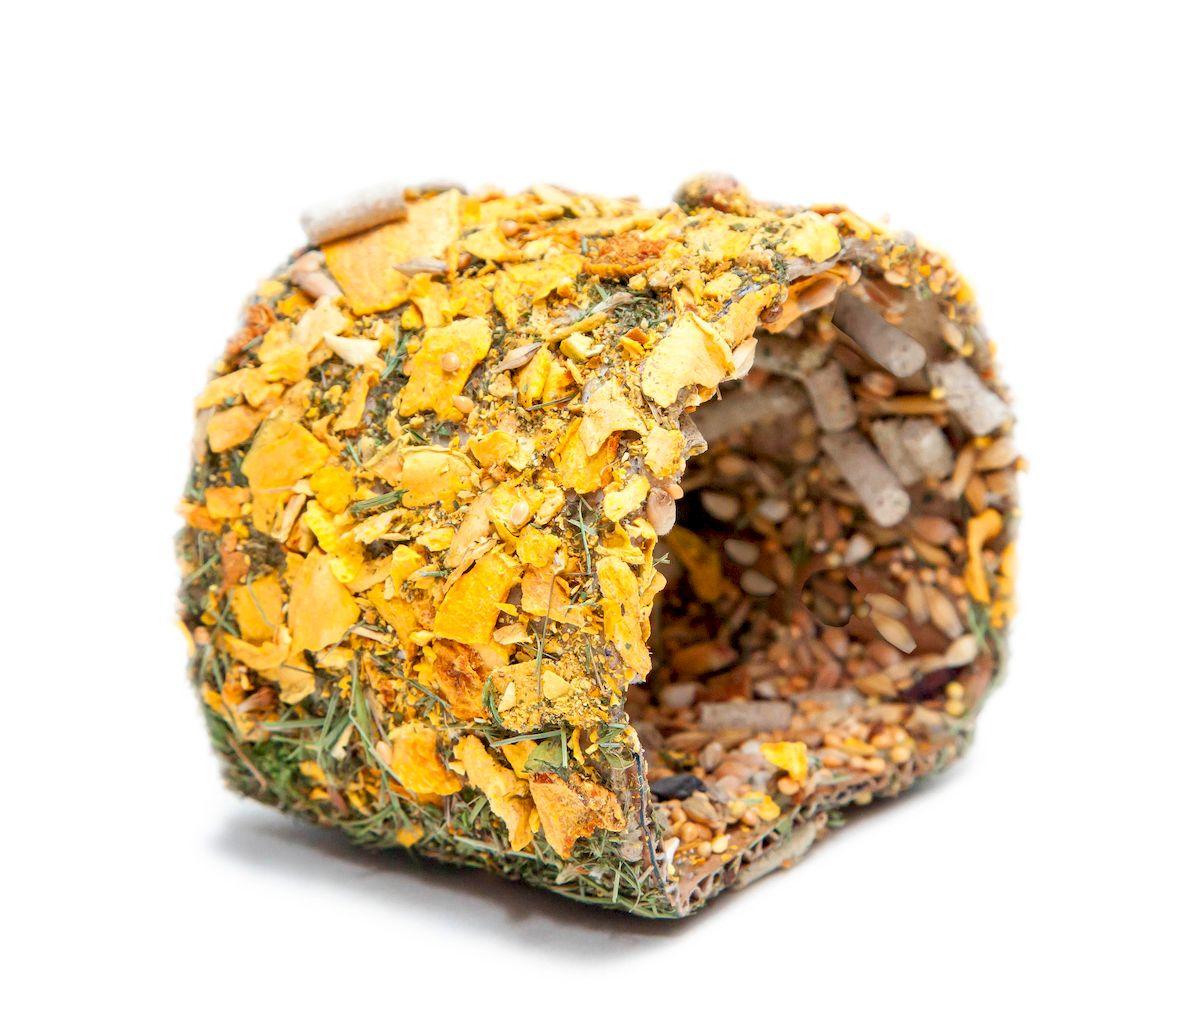 Лакомство для грызунов Престиж Домик Хомы101246Домик Хомы Престиж - это прекрасное лакомство для домашних грызунов. Лакомство для грызунов не только порадует их вкусом, но и послужит в качестве удобного места для ночлега. Домик наполнен сушеными яблоками, тыквой, морковью, отборным зерном и разнообразием семечек. Домик является не только чудесной игрушкой, но и источником витаминов и минералов, необходимых для правильного развития домашних грызунов (кроликов, морских свинок, шиншилл.)Состав: зеленое сено Люкс премиум класса, сушеные фрукты и овощи (яблоки, тыква, морковь), просо, семена подсолнечника, гранулы для хомяков, пшеница, овес, кукуруза.Товар сертифицирован.